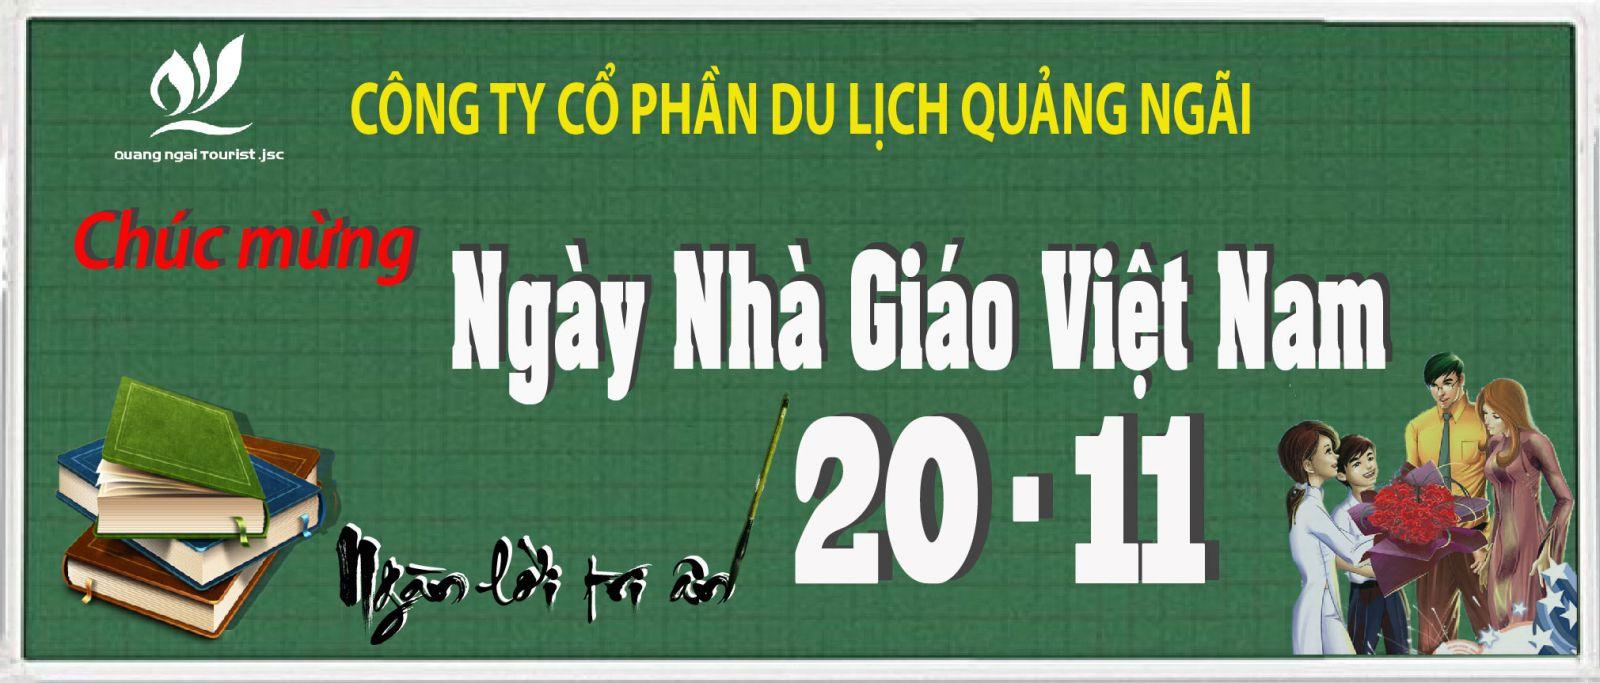 Tri ân ngày nhà giáo Việt Nam 20/11 - Quảng Ngai Tourist